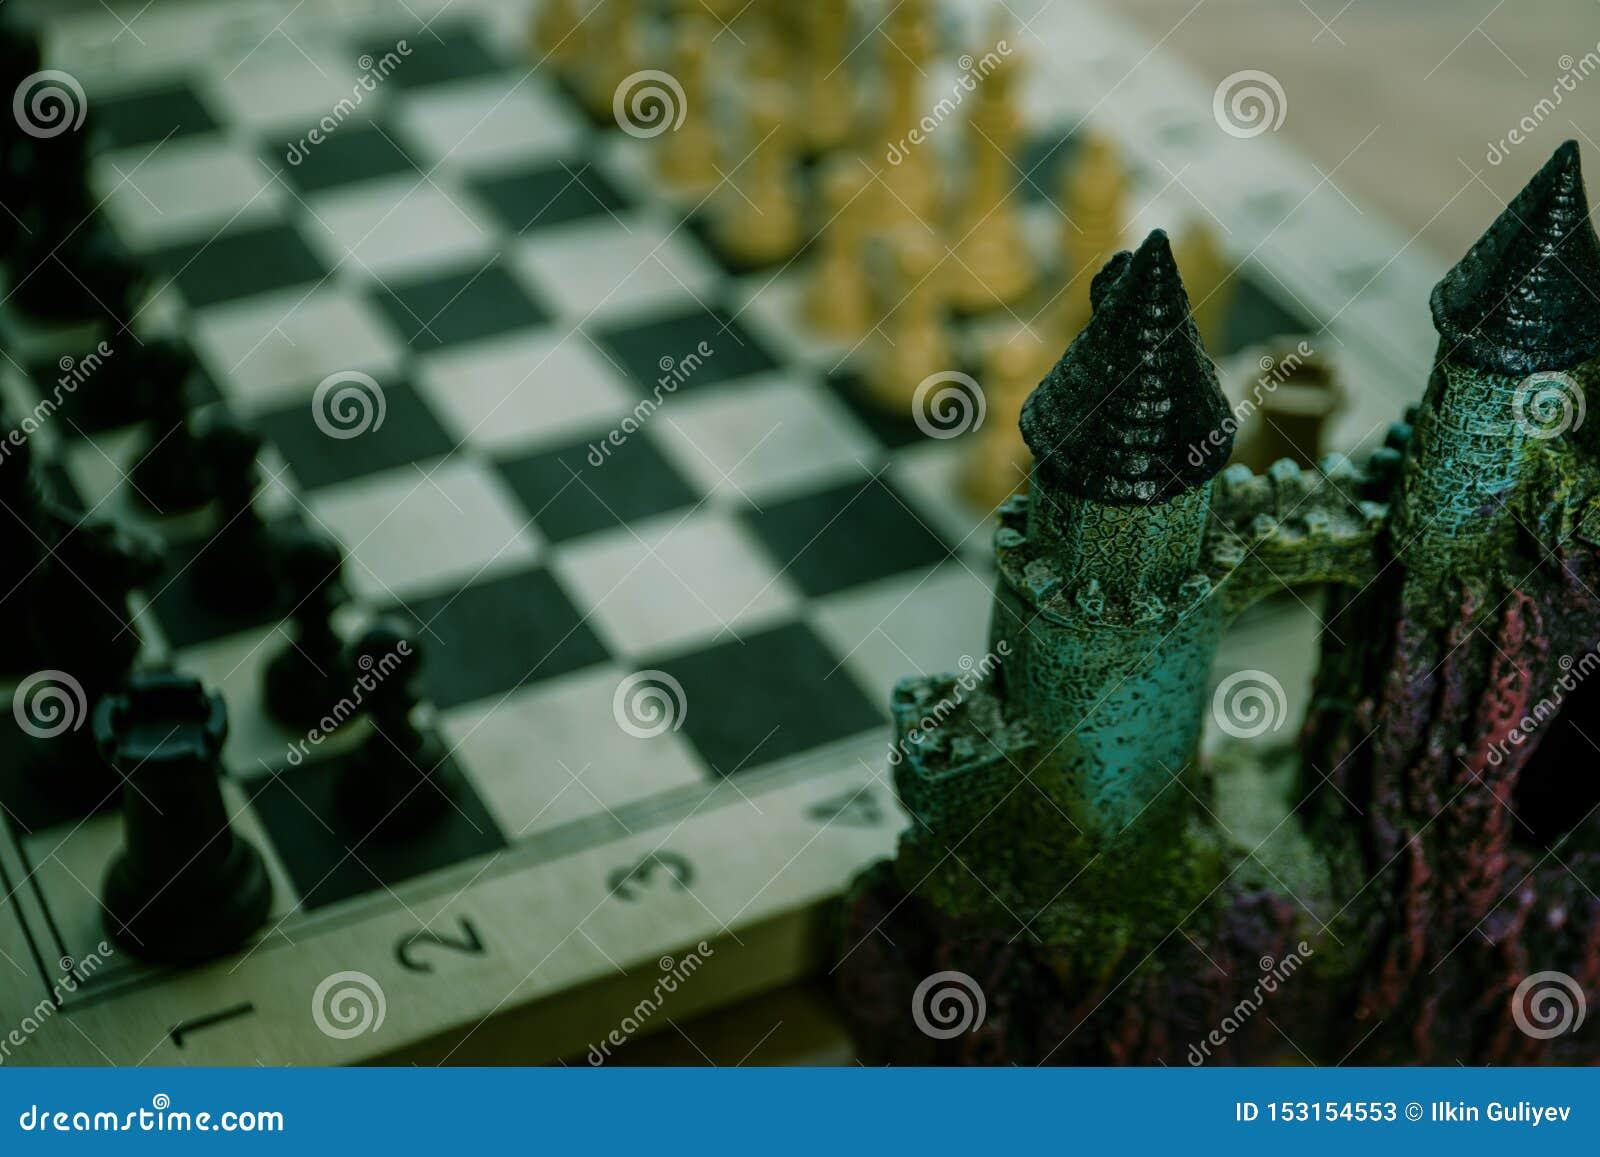 Έννοια επιτραπέζιων παιχνιδιών σκακιού των επιχειρησιακών ιδεών και του ανταγωνισμού Αριθμοί σκακιού για μια σκακιέρα Υπαίθριο υπ